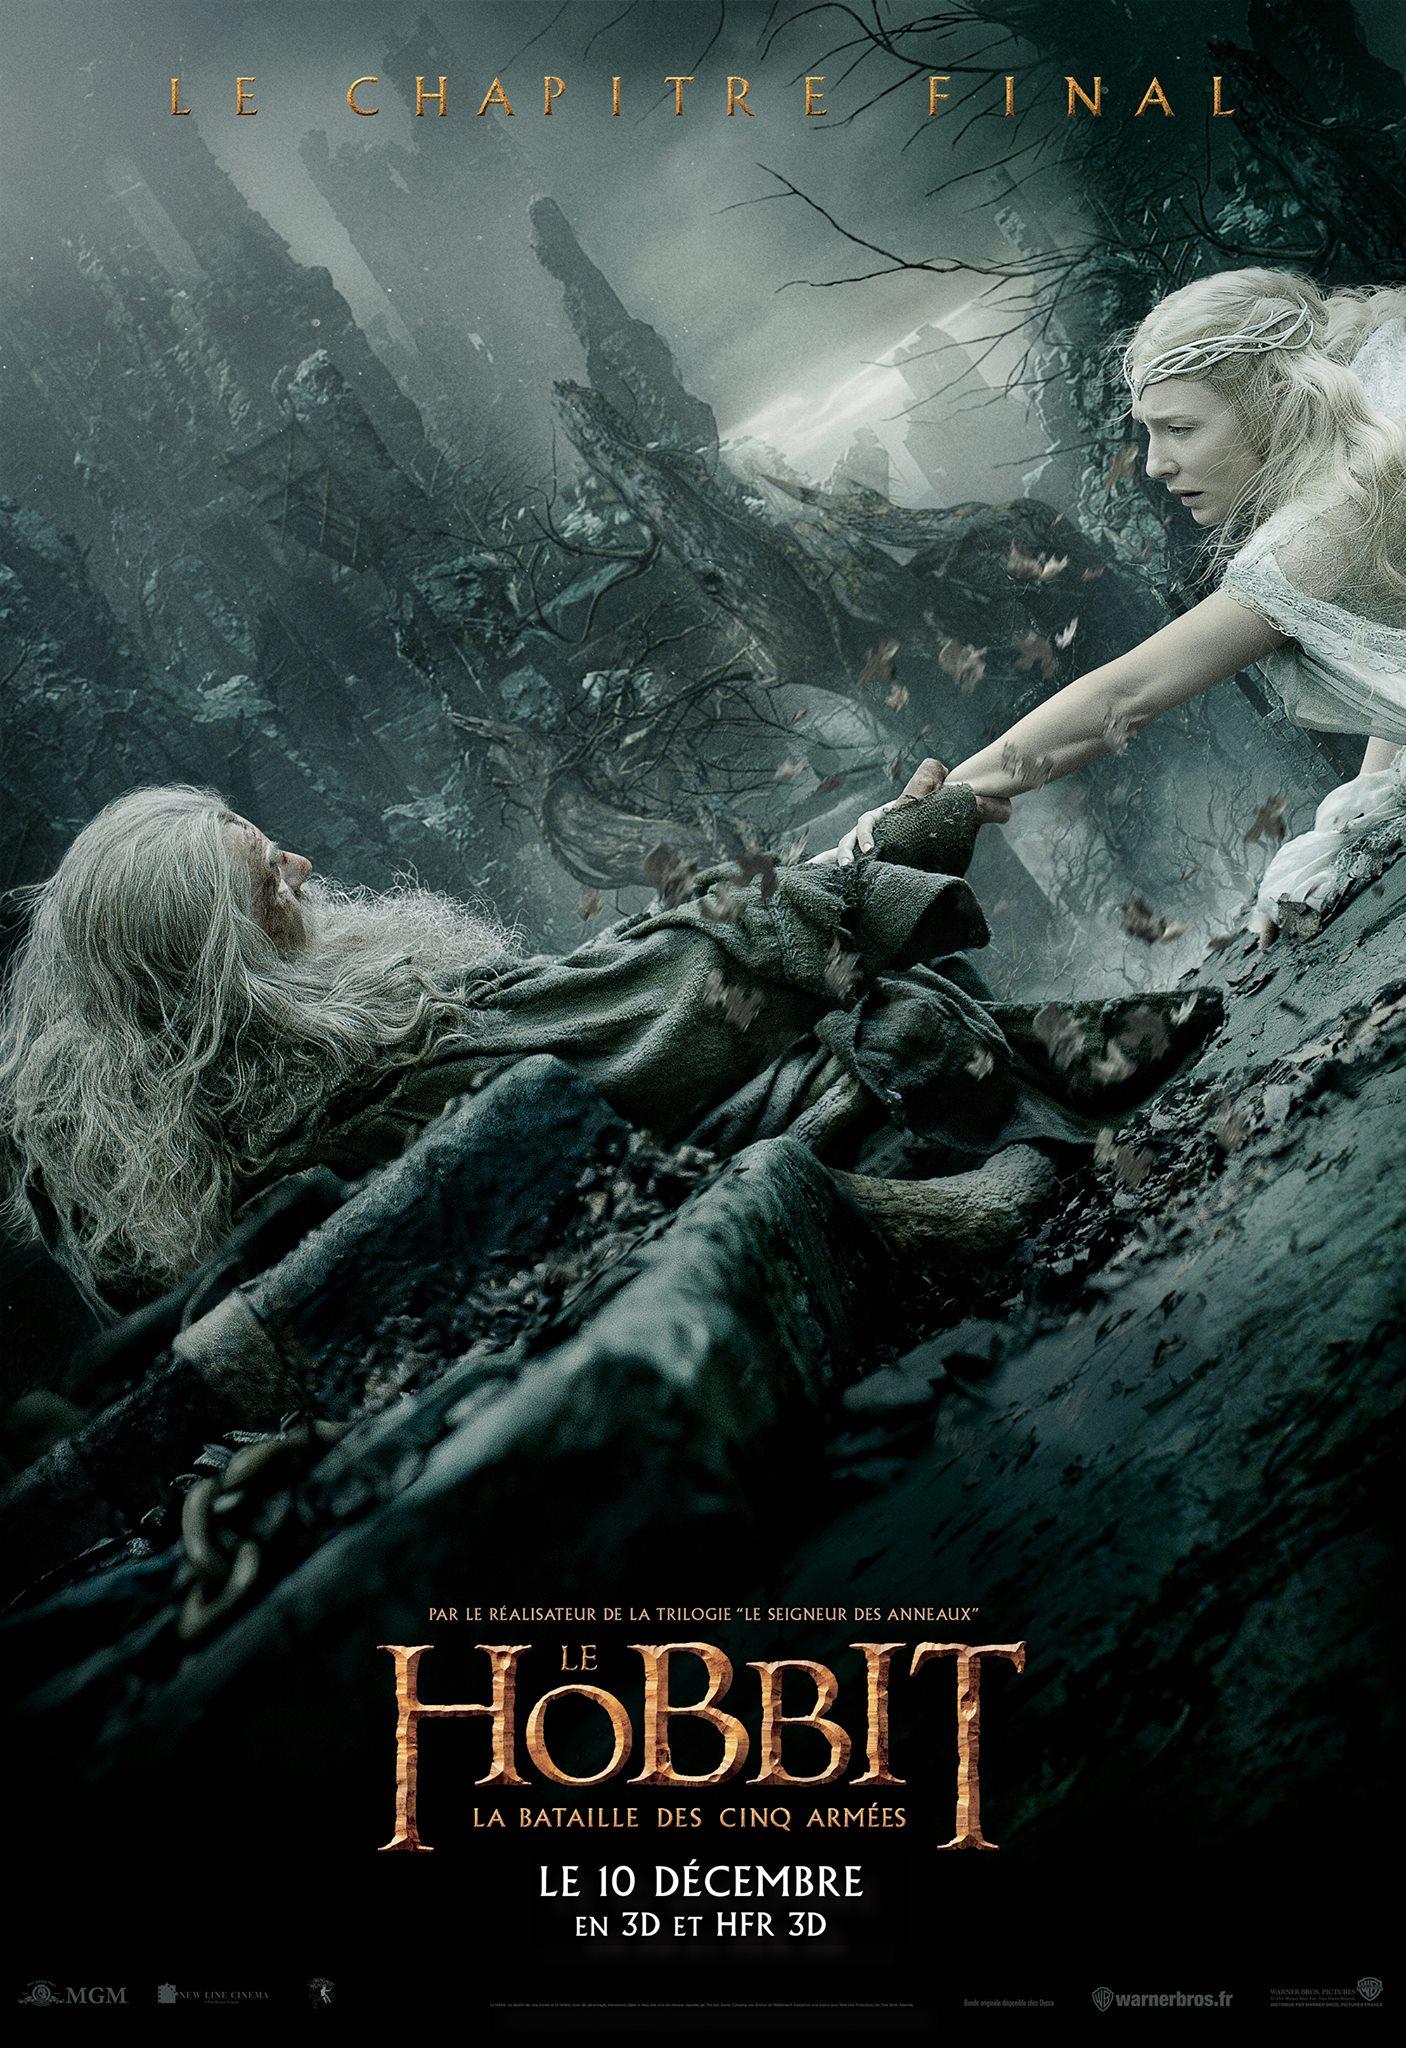 Gandalf et Galadriel Dol Guldur